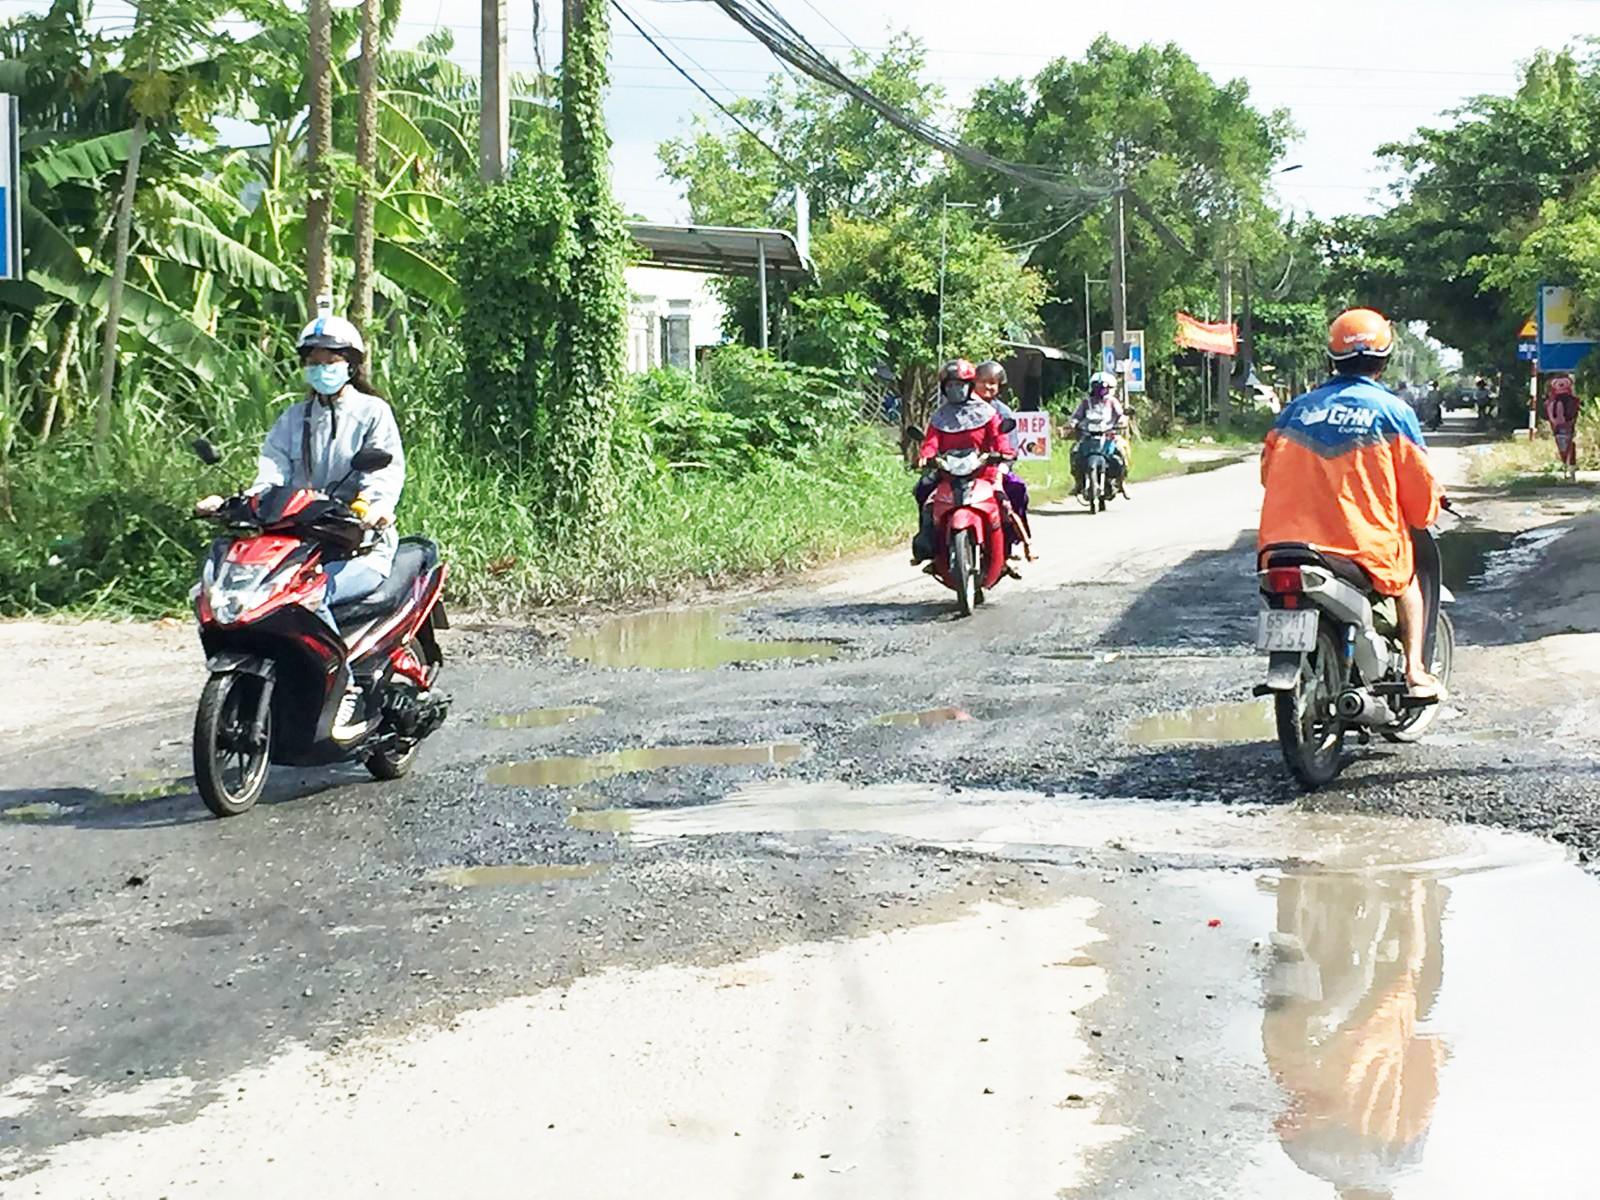 Đường tỉnh 923, đoạn đường thuộc phường Phước Thới nhiều đoạn xuống cấp nặng, ảnh hưởng đến việc đi lại của các phương tiện tham gia giao thông.